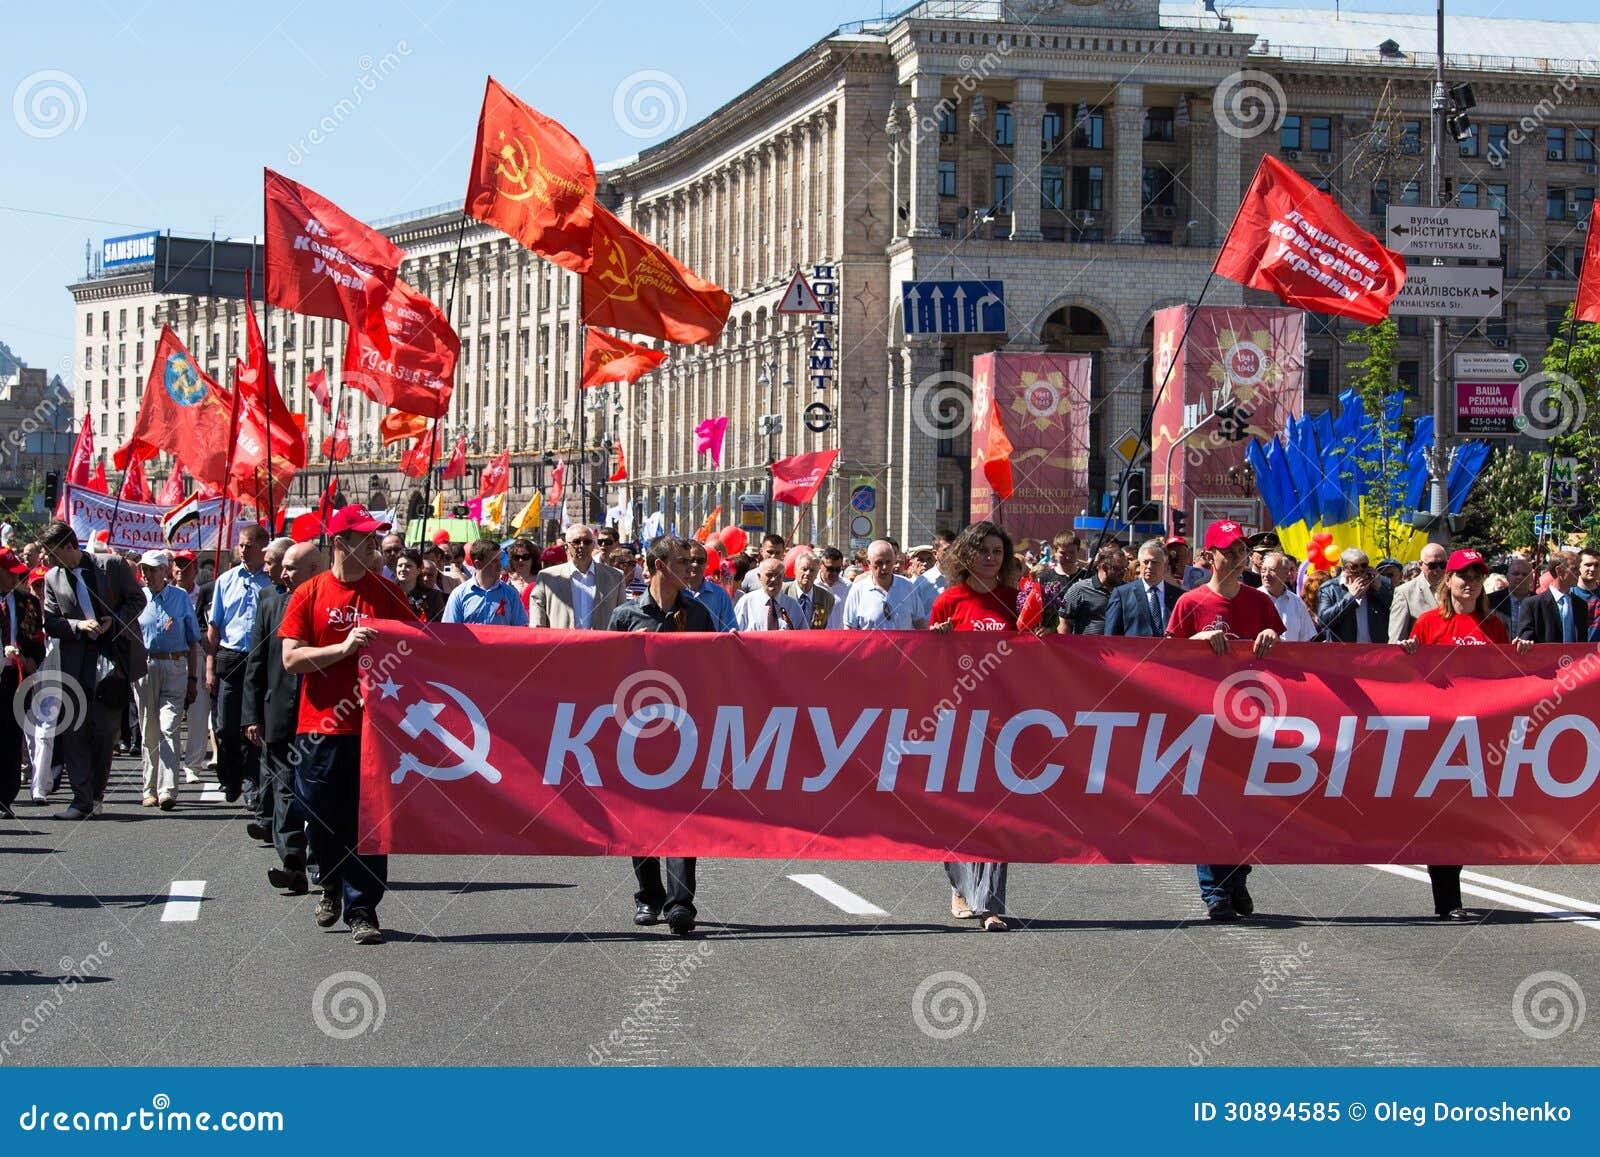 Ukraine kiev may 9 ceremonial parade at kiev main street